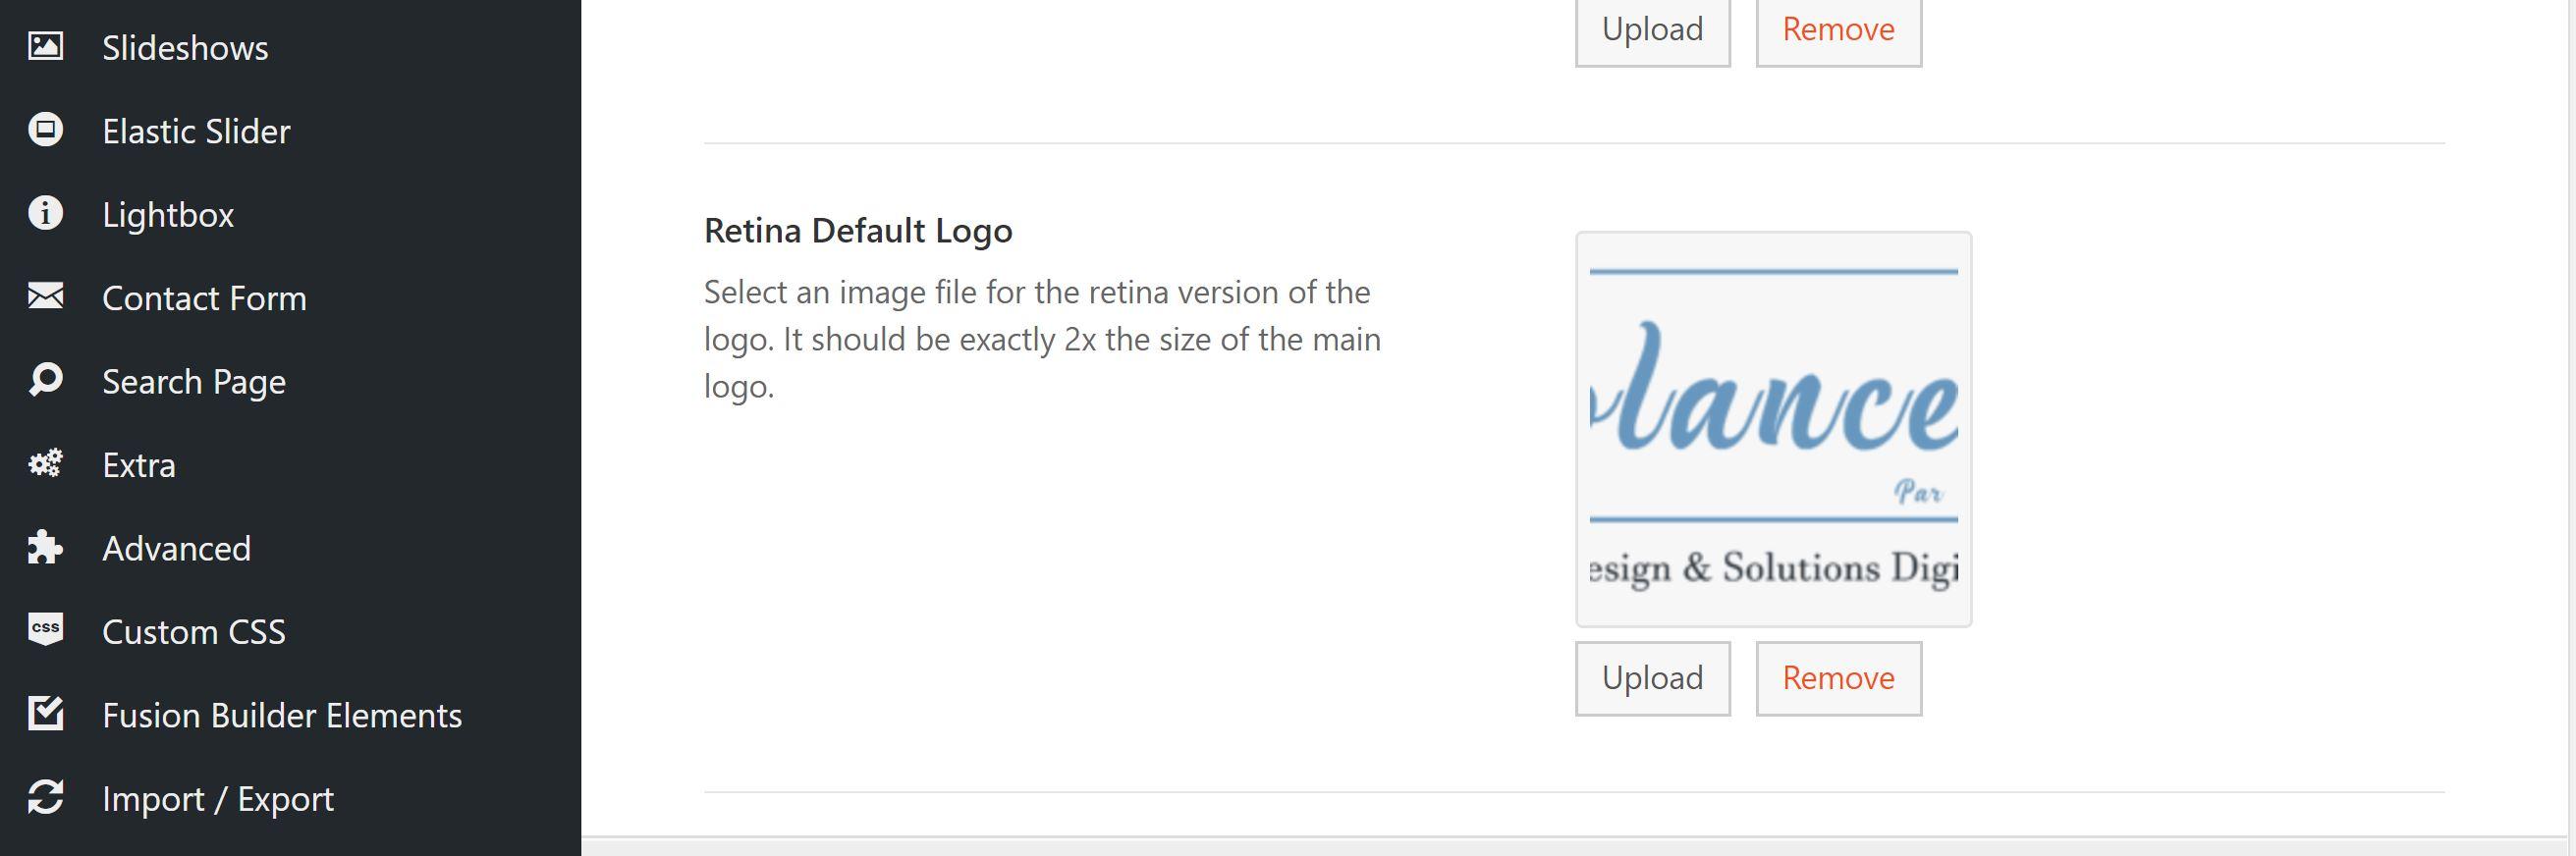 emplacement pour uploader le logo retina